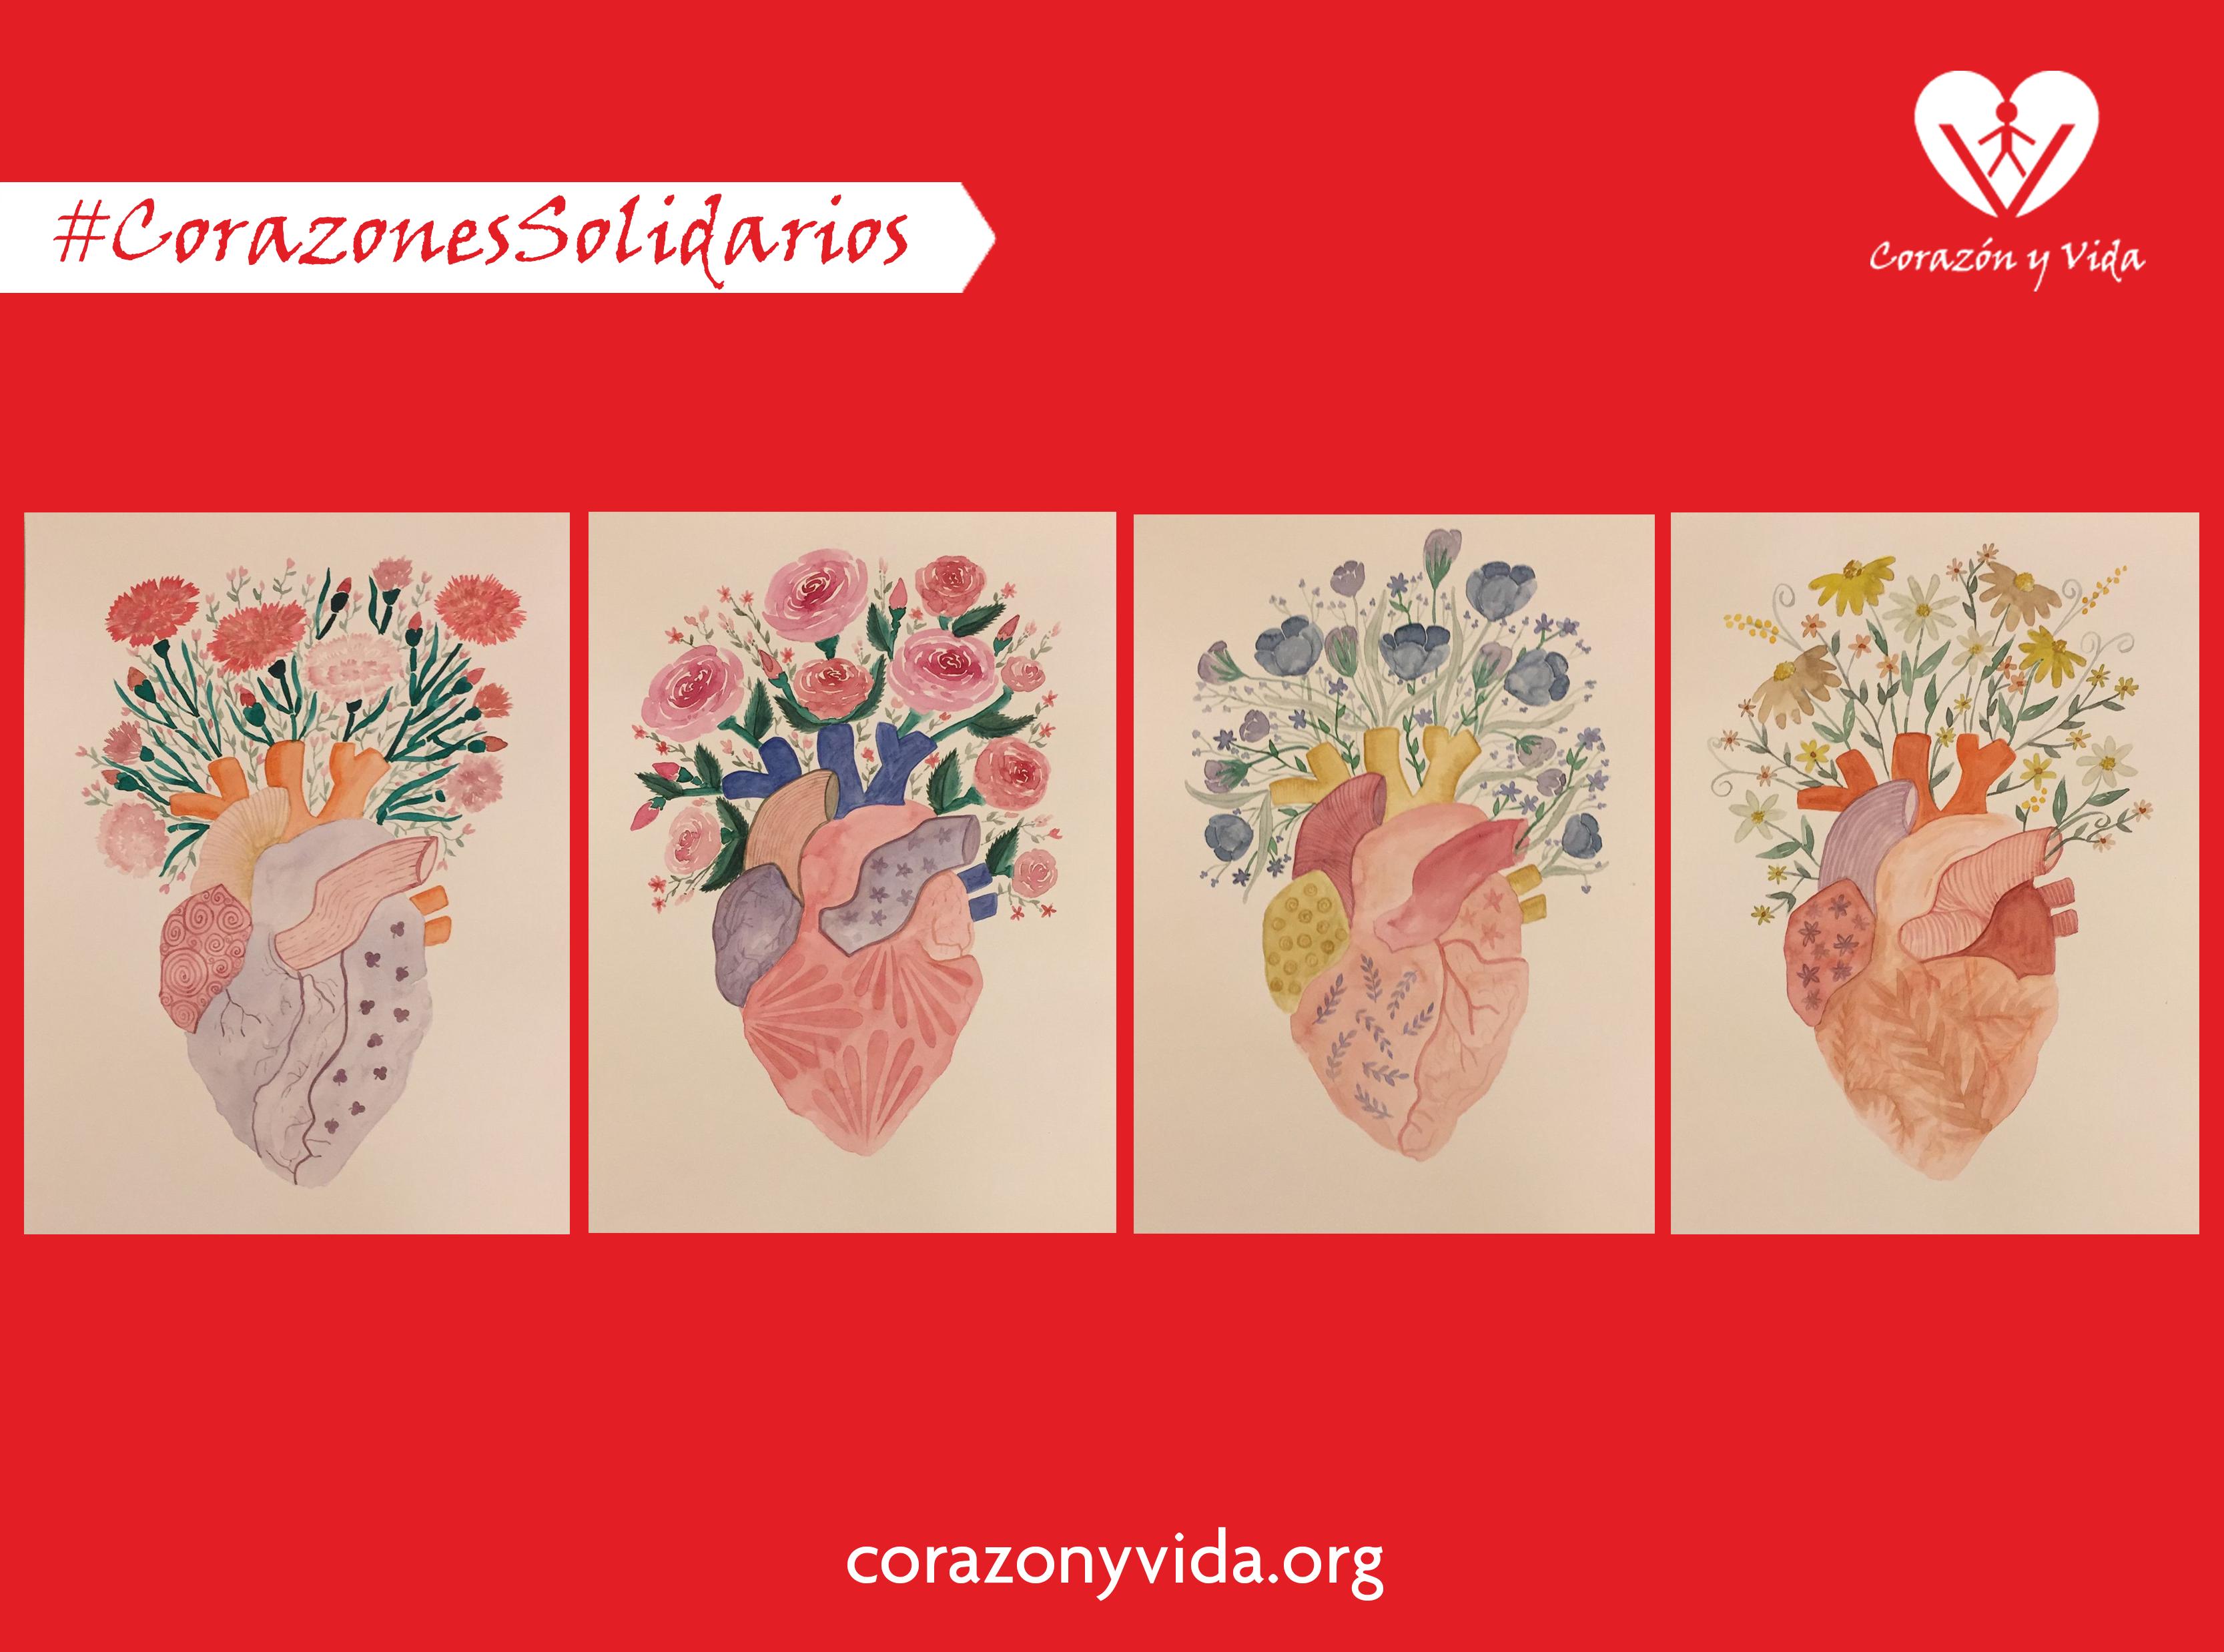 iniciativa solidaria asociación corazon y vida